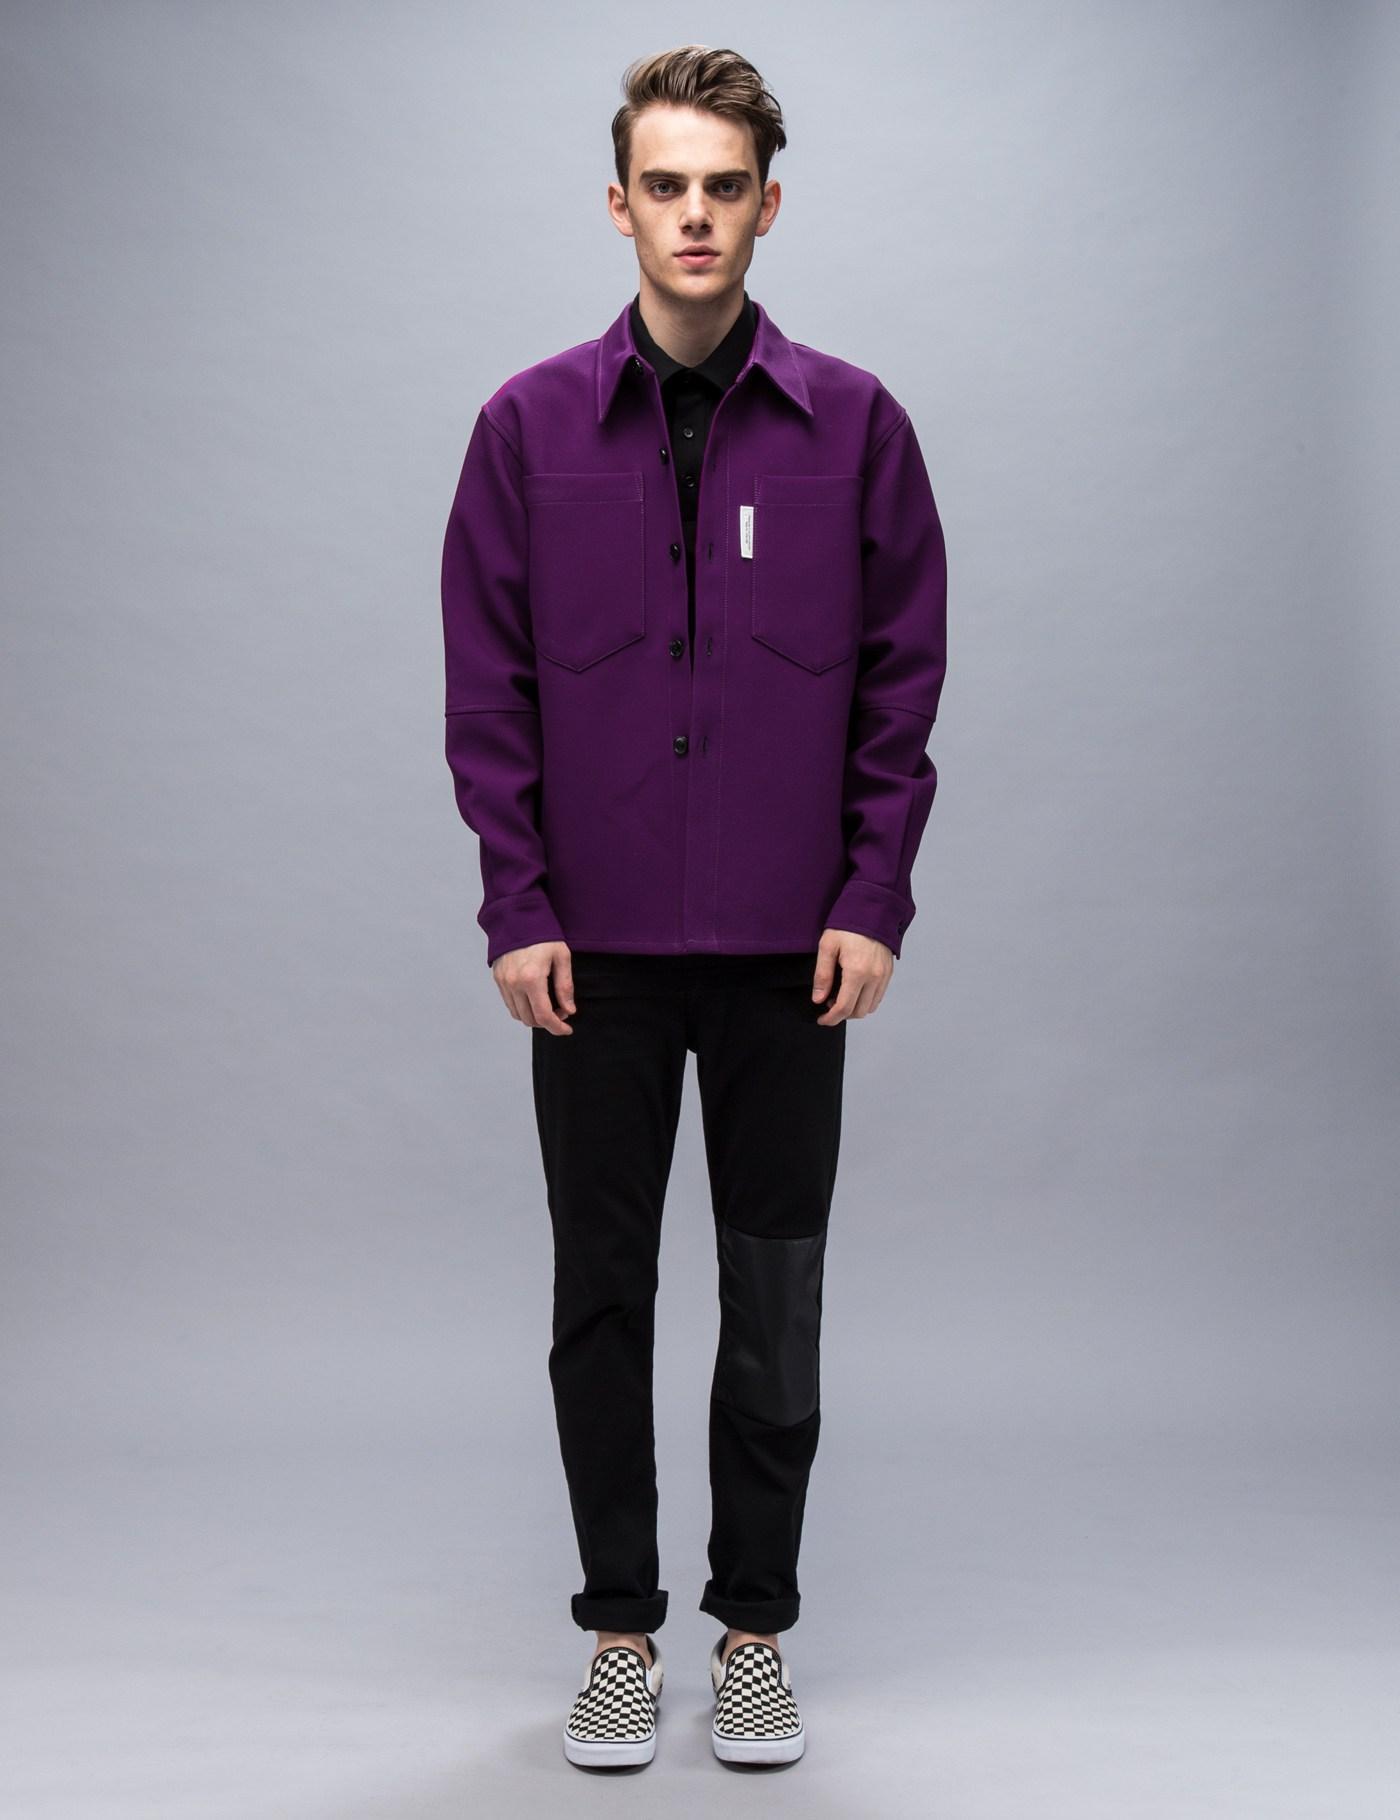 Xander Zhou Cotton Cargo Shirt Jacket for Men